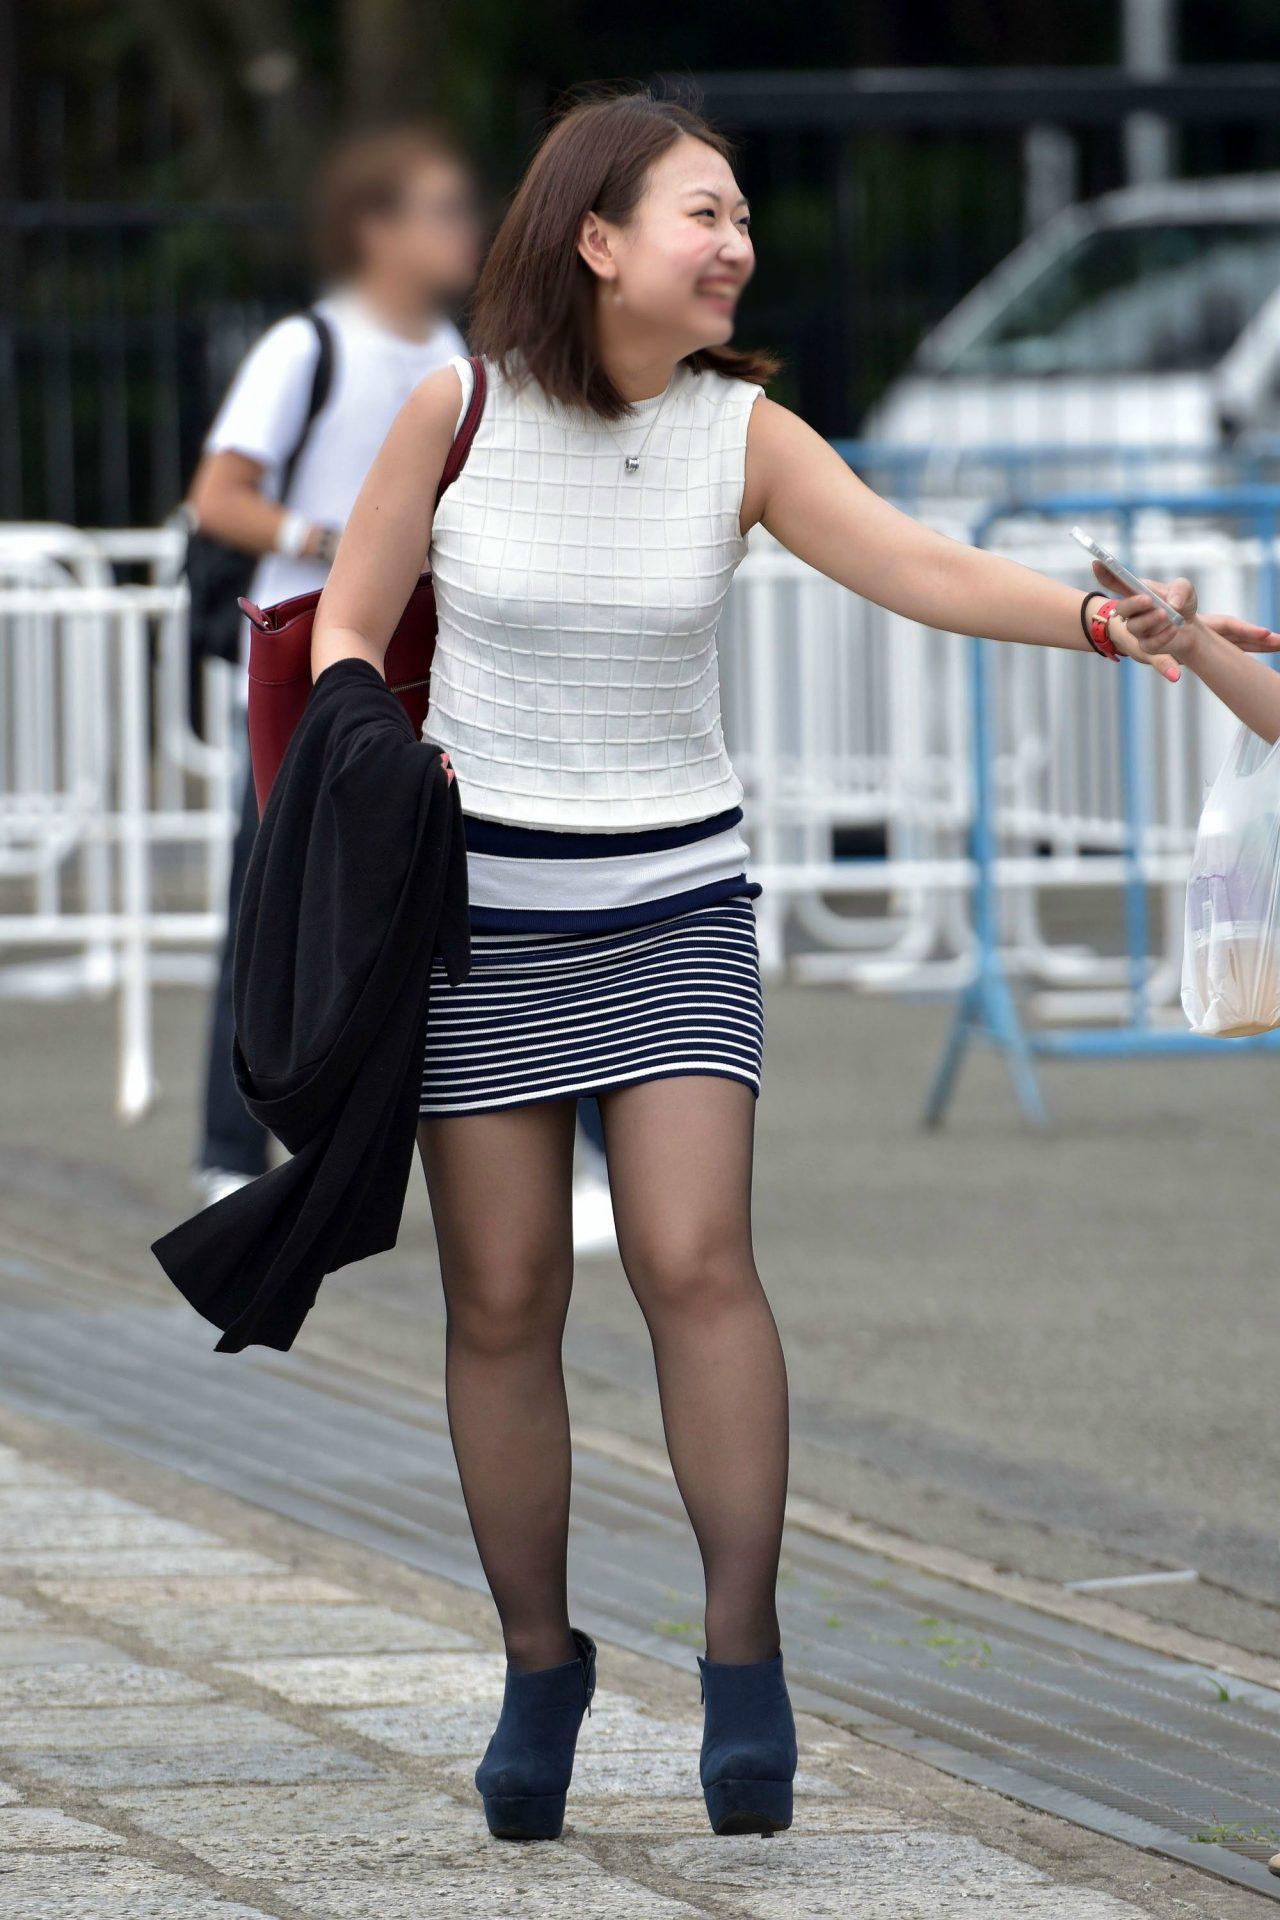 三次元 3次元 エロ画像 黒パンスト 街撮り 素人 美脚  べっぴん娘通信 05